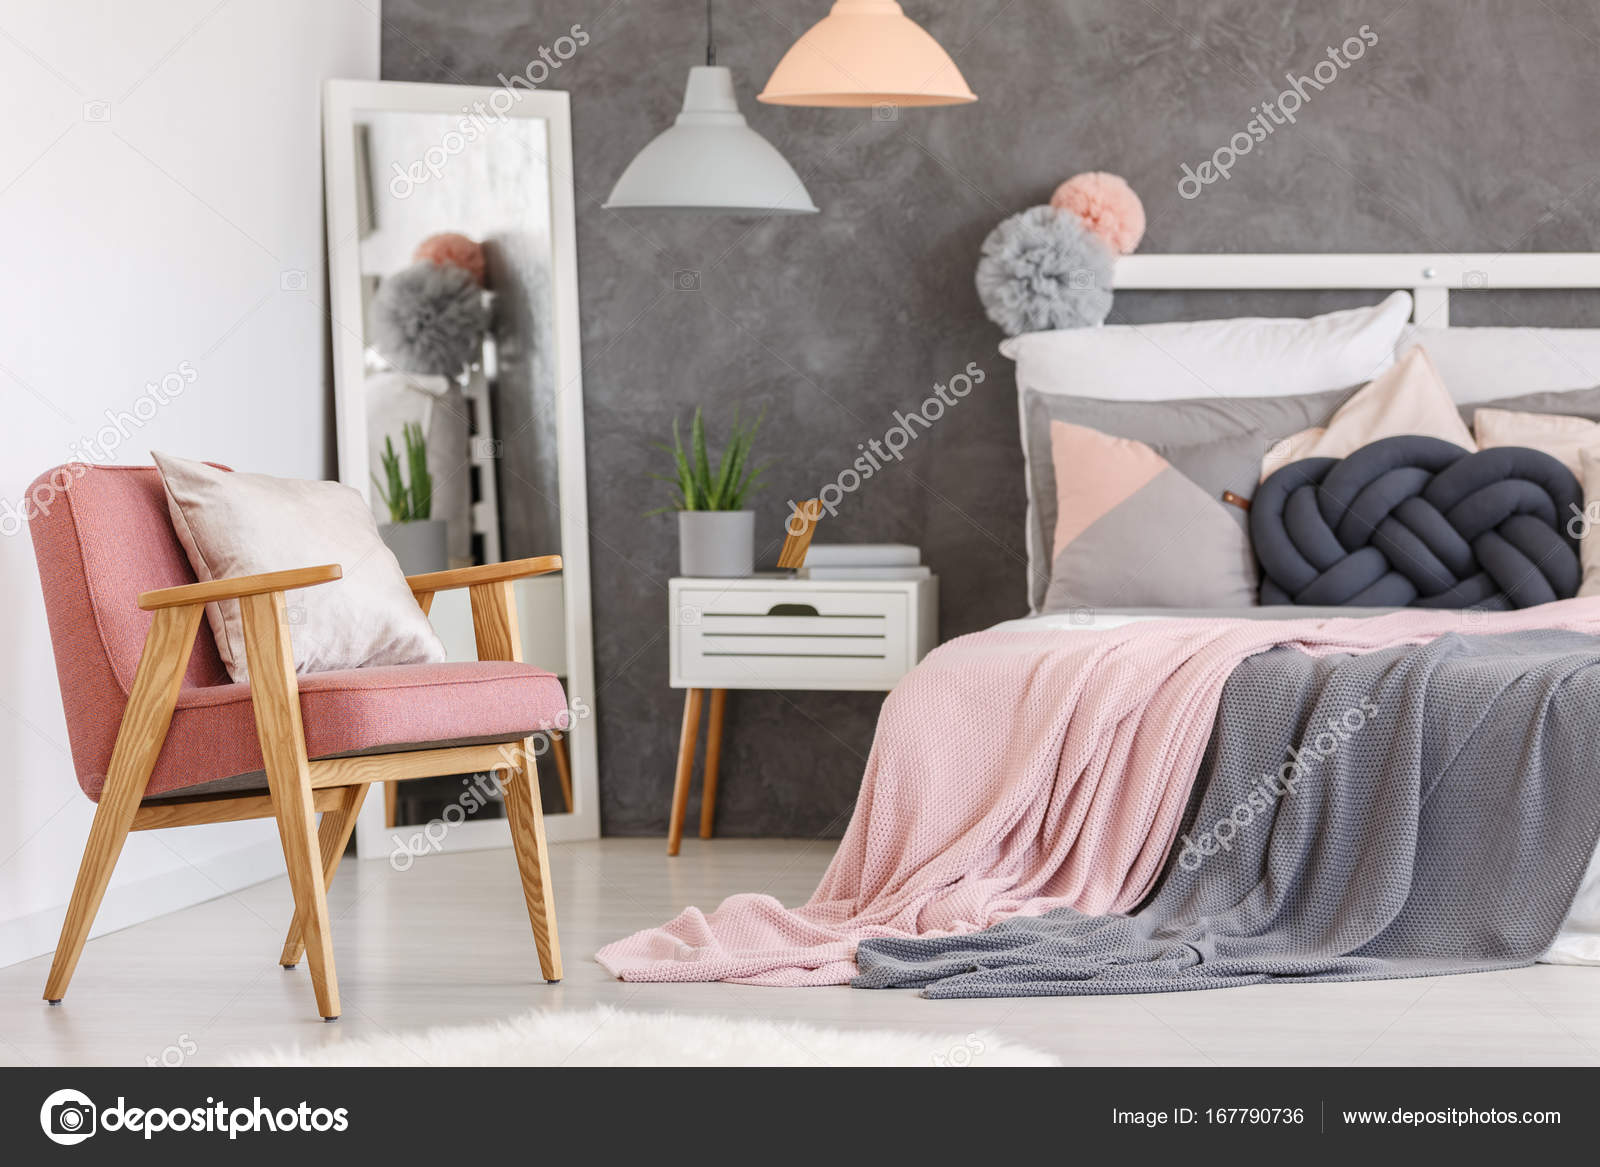 Camere Da Letto Rosa Antico : Rosa sedia in camera da letto ragazze u foto stock photographee